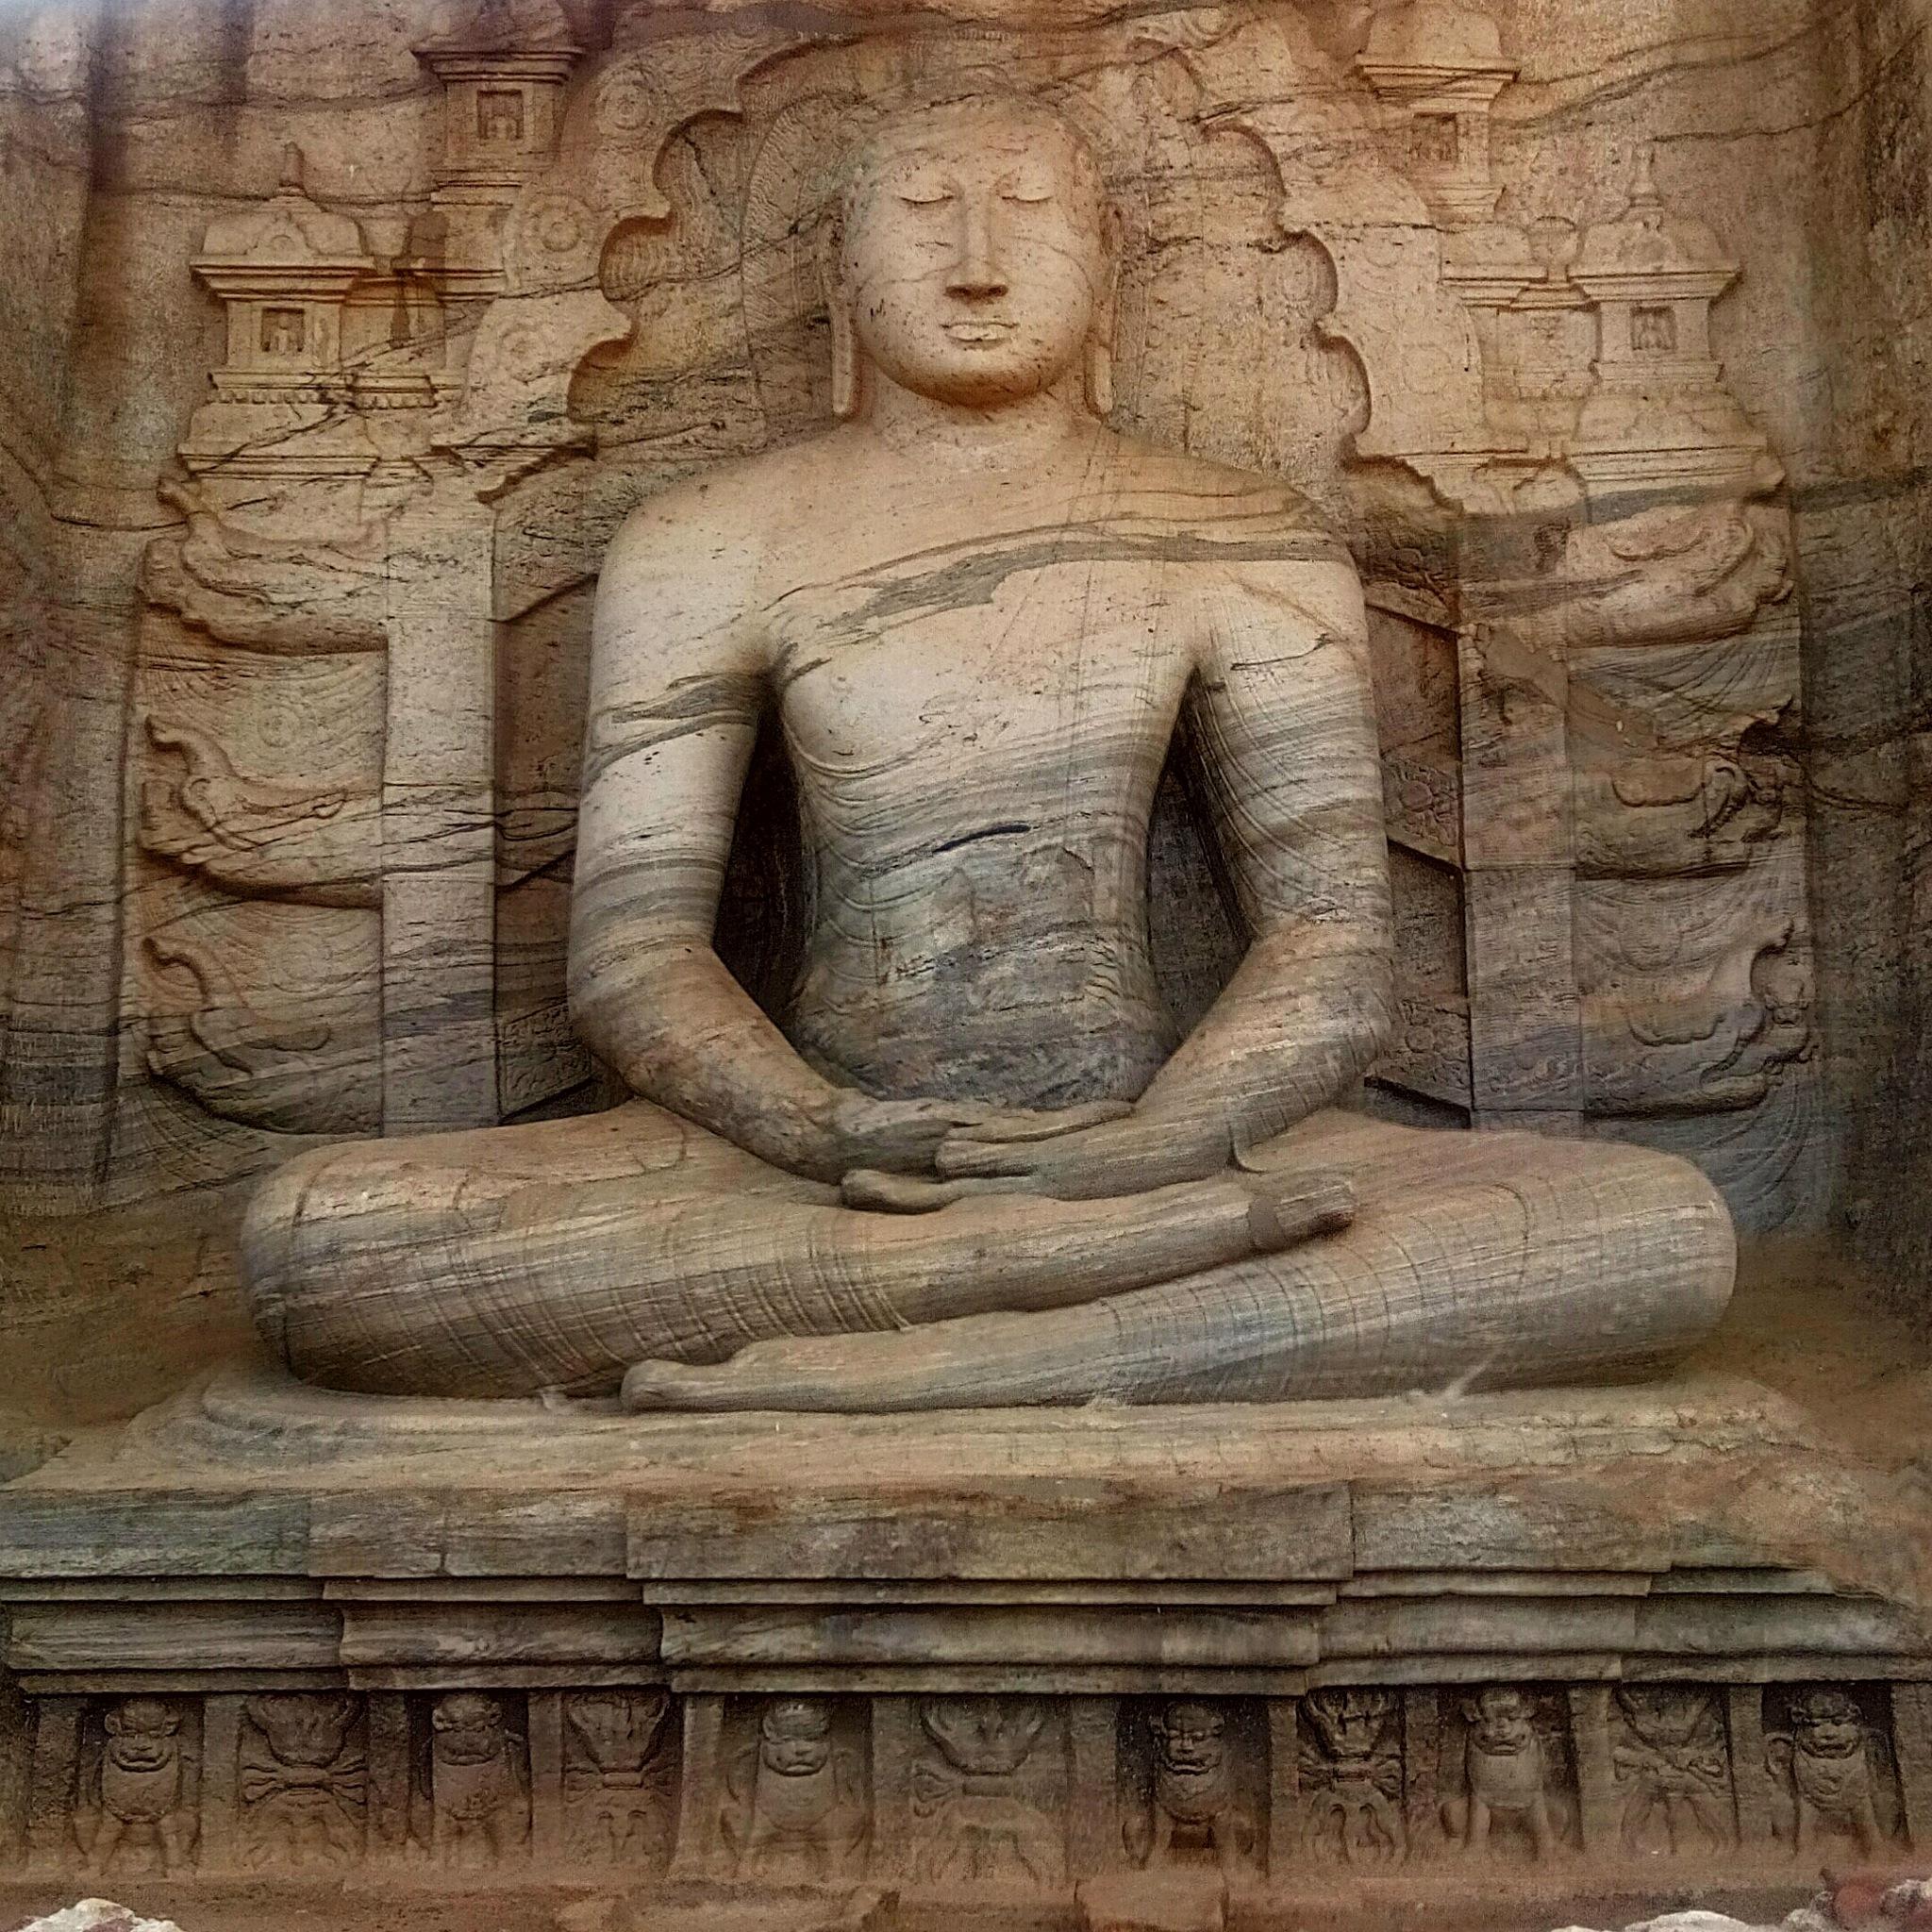 Statue at Gal Vihara by Nirjhar Barua